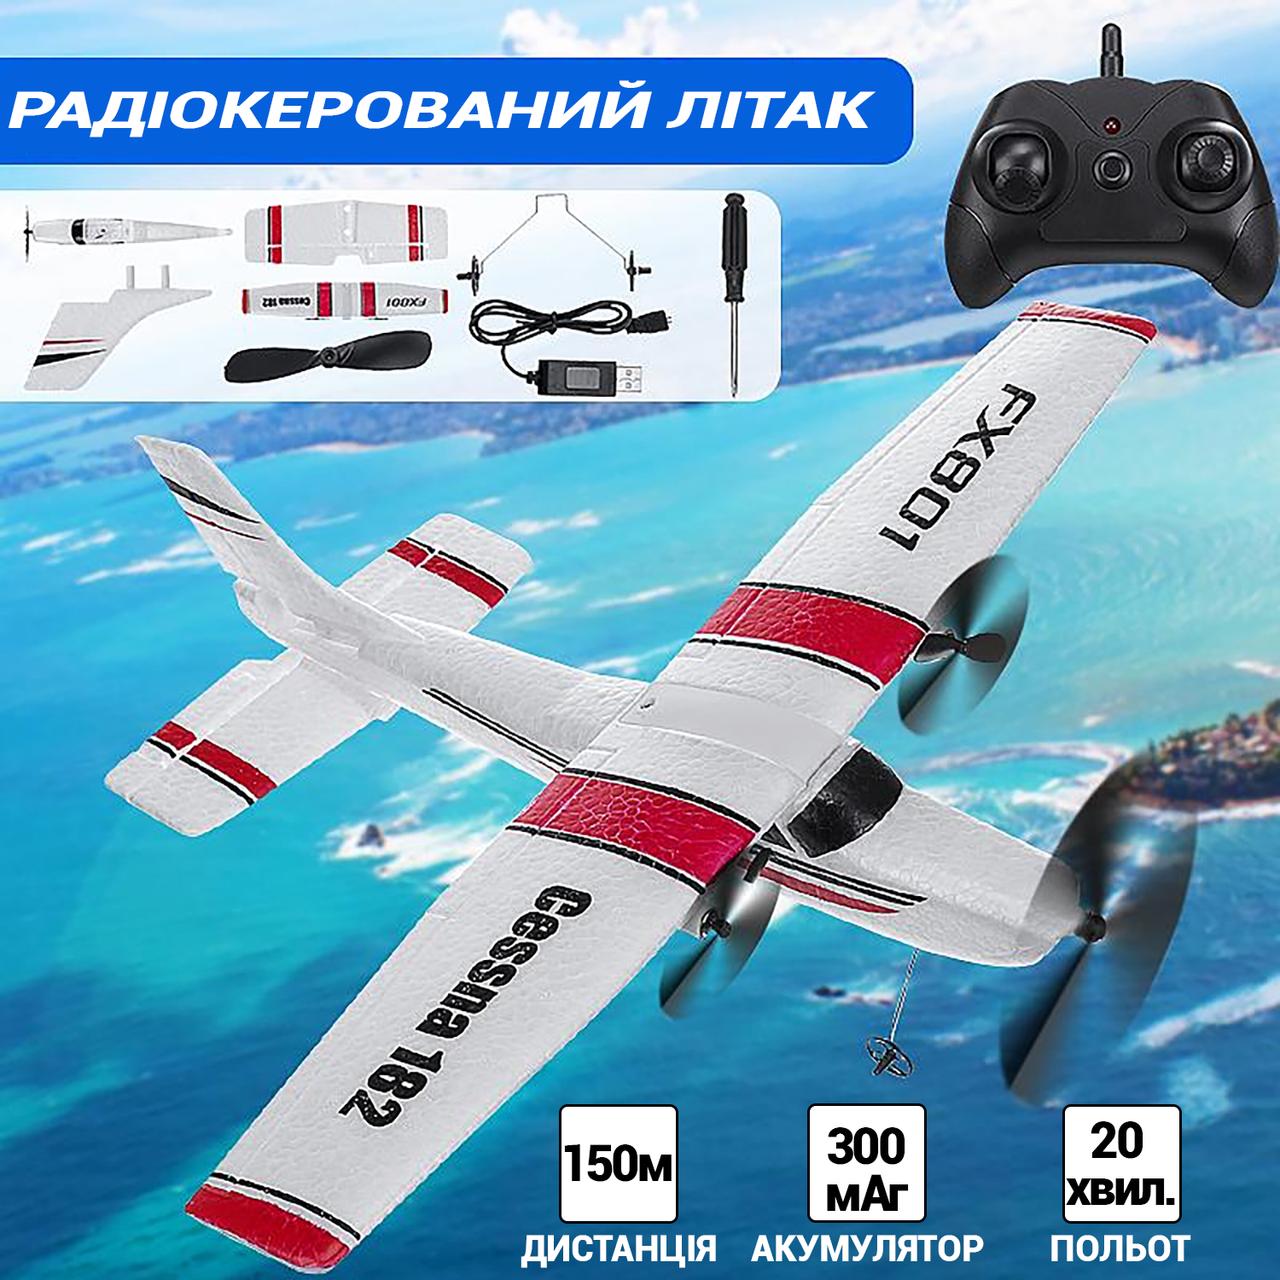 Детский самолет на радиоуправлении FX801-182N с тремя пропеллерами Радиоуправляемый самолет до 150м